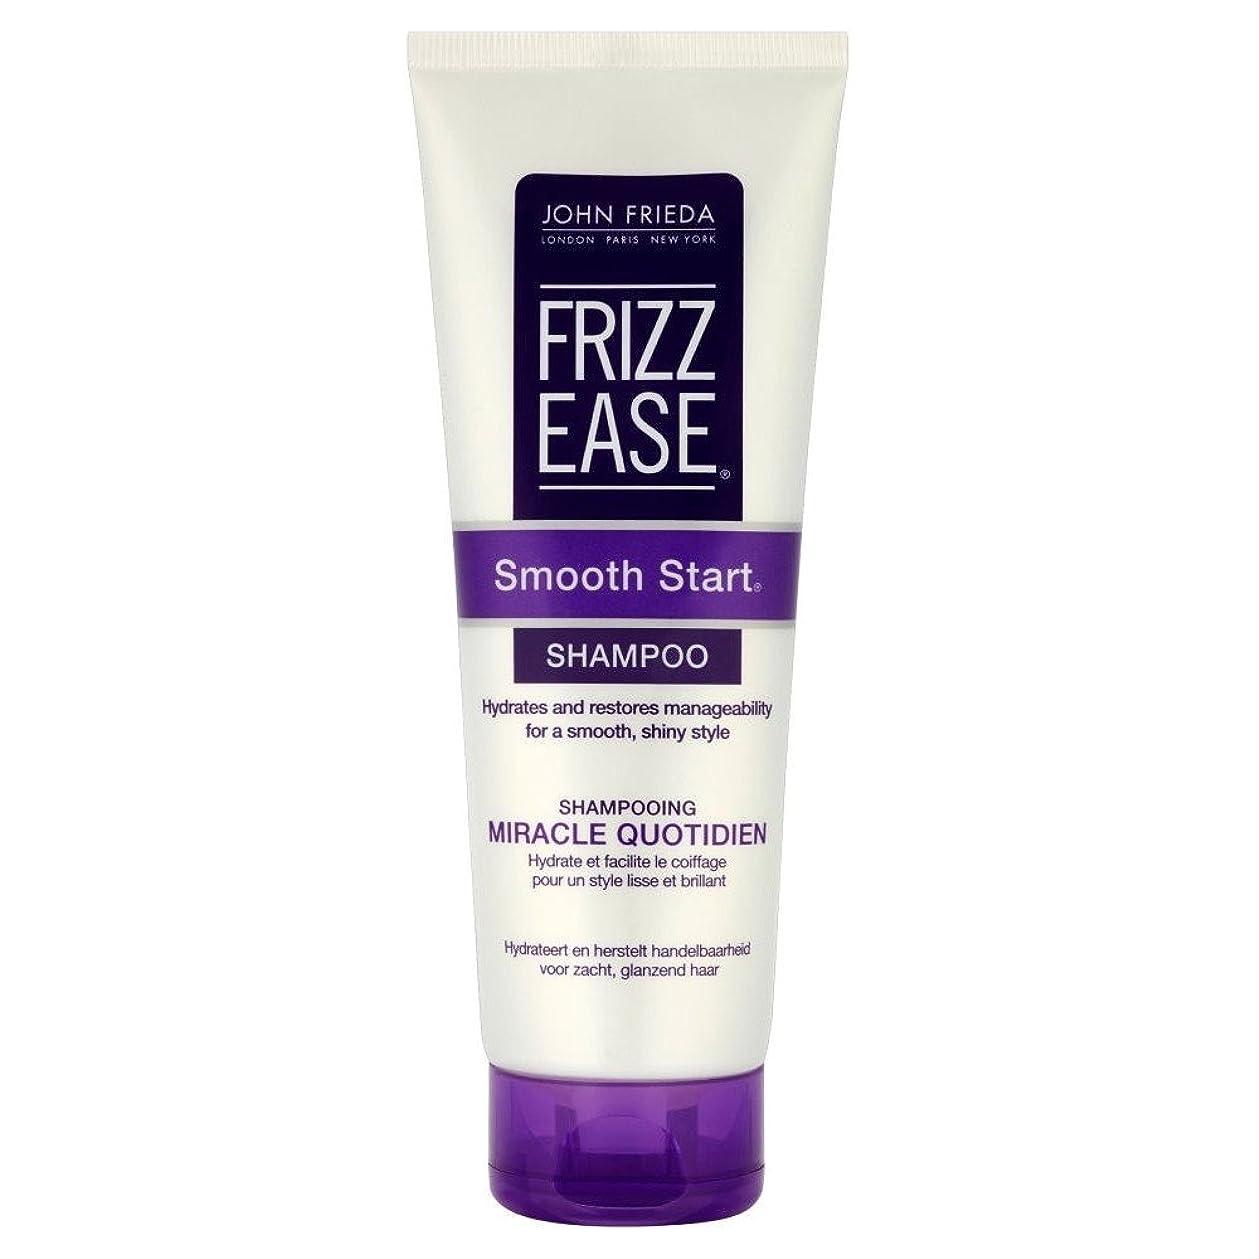 硬化するヨーロッパ剥離John Frieda Frizz Ease Smooth Start Shampoo (250ml) ジョンフリーダの縮れ順調なスタートシャンプー( 250ミリリットル)を和らげる [並行輸入品]